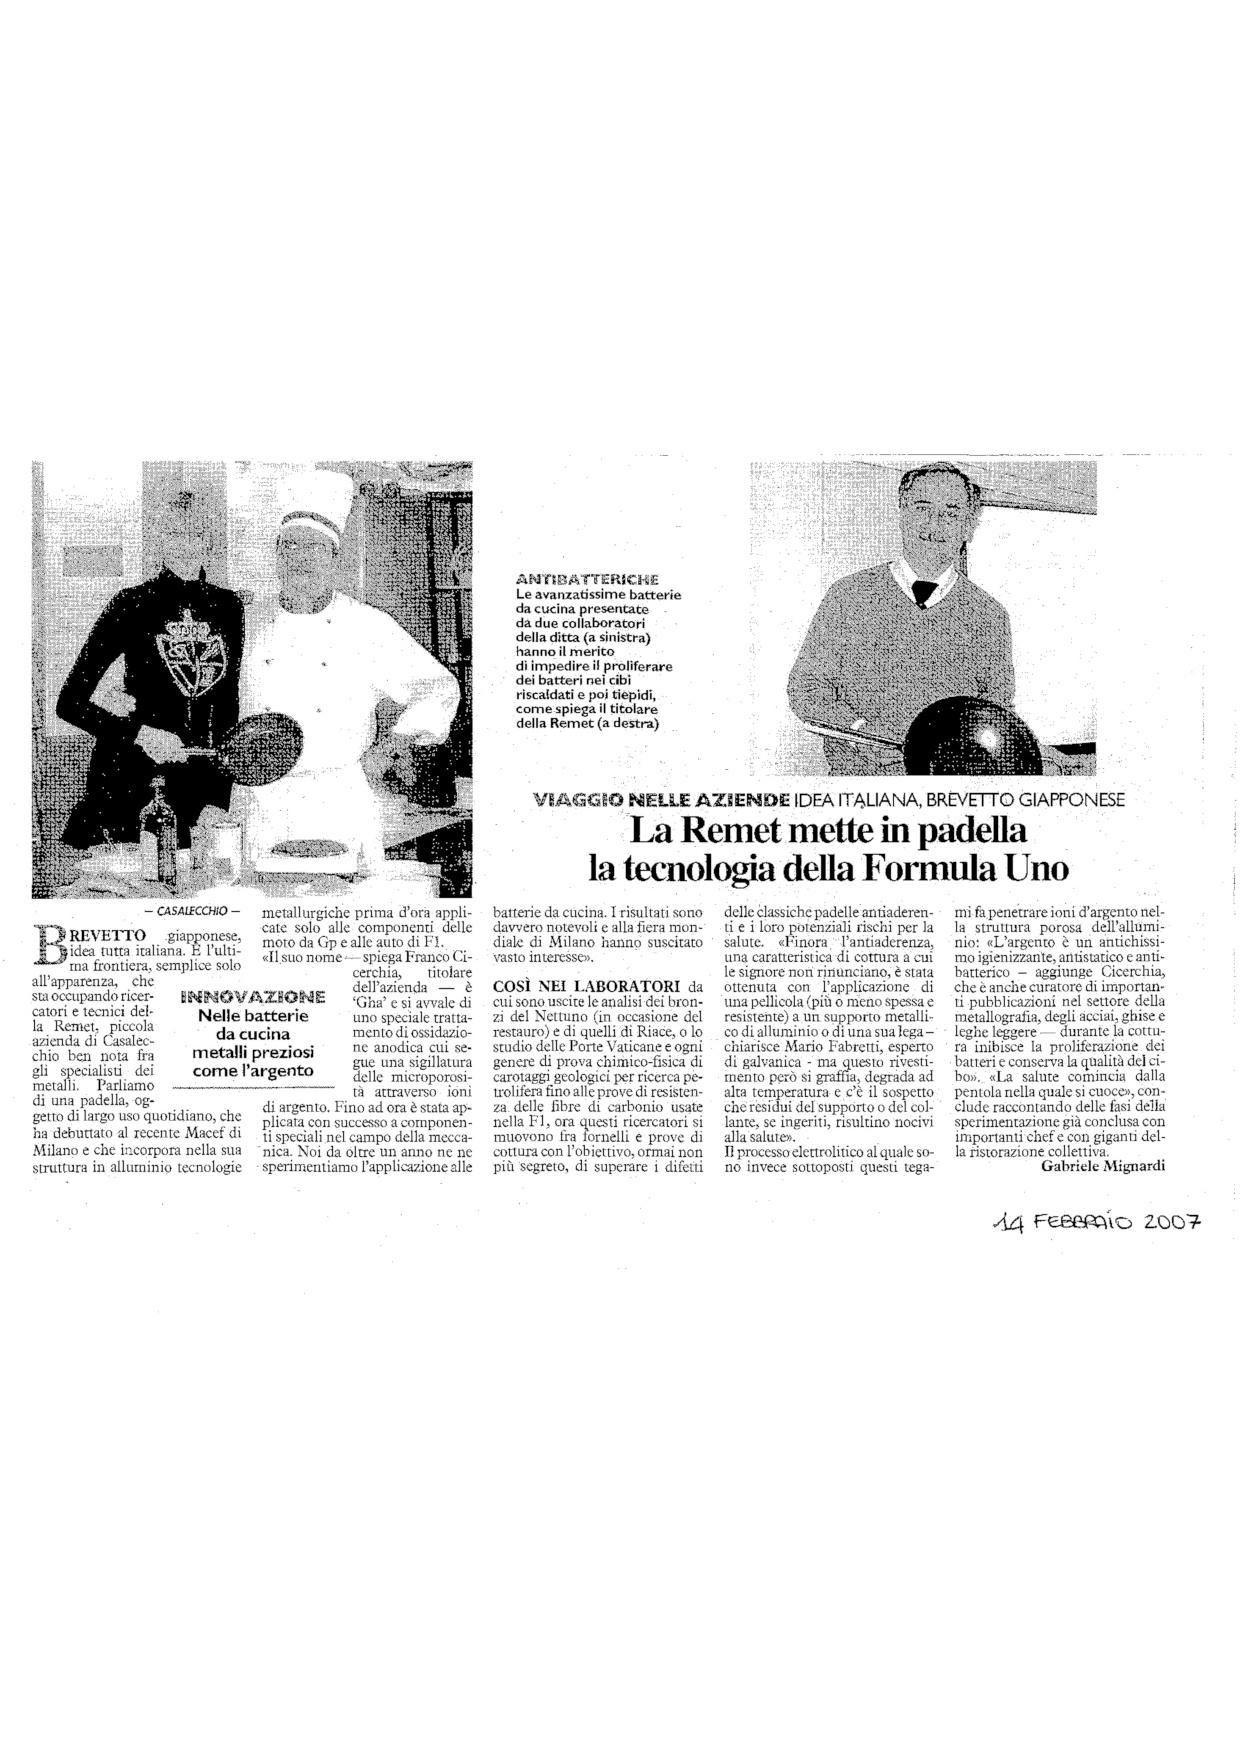 Articolo Resto Carlino 2007